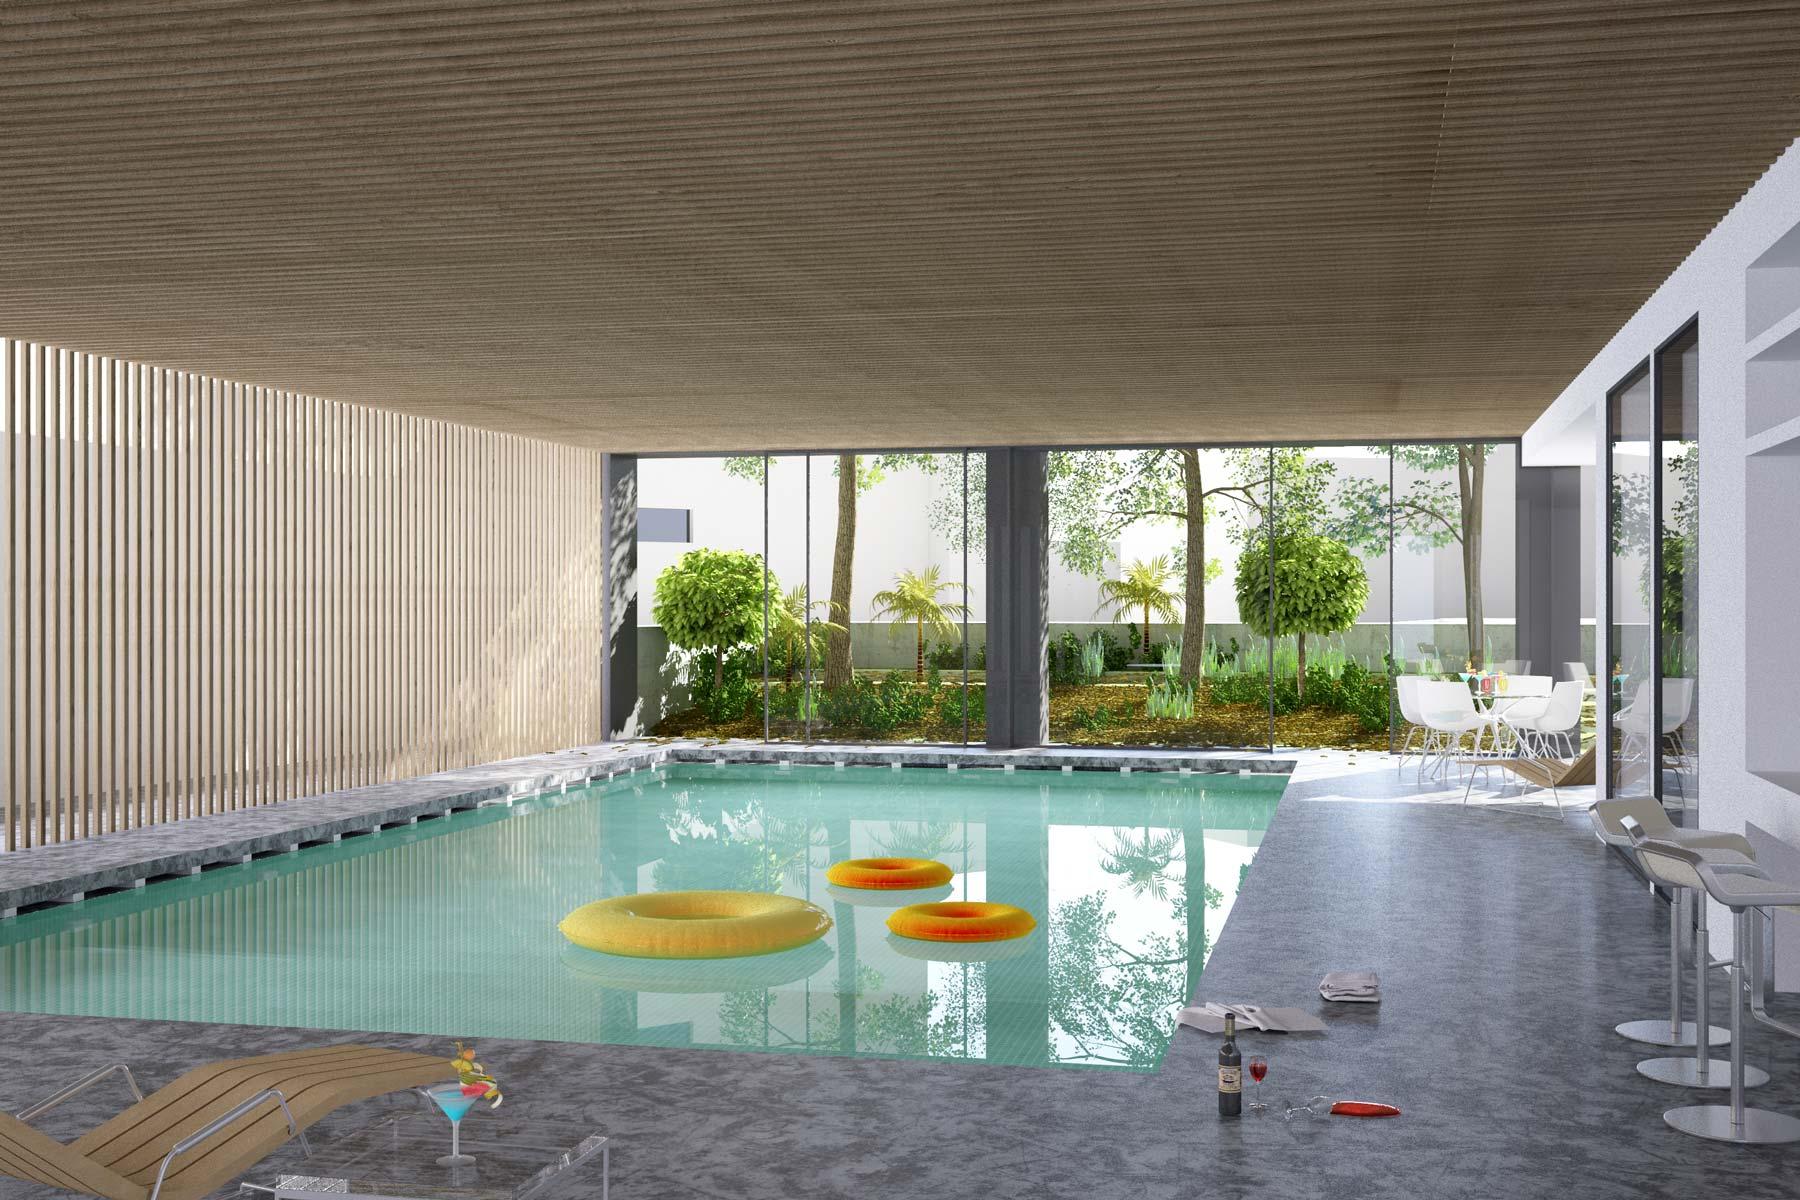 Farmanieh Residential Complex-38